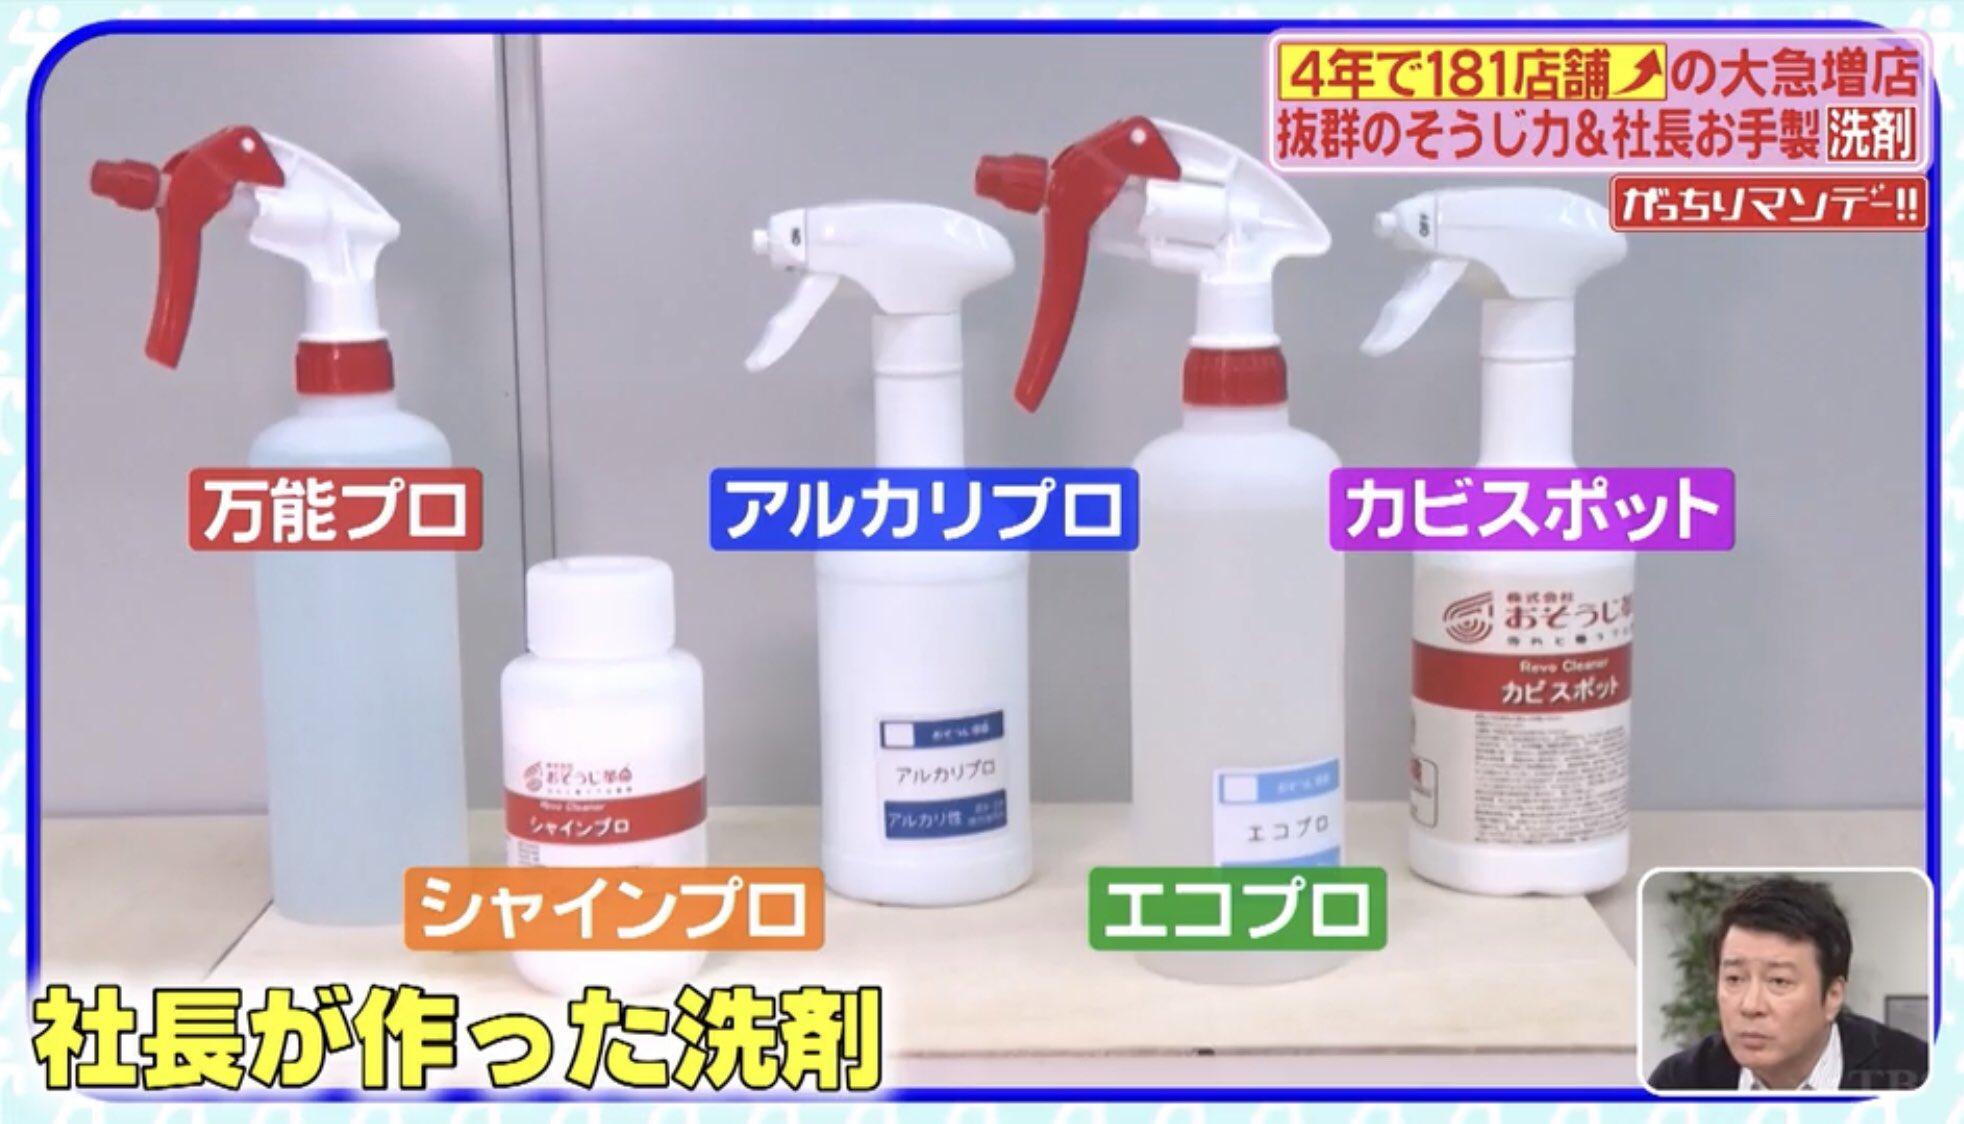 オリジナル洗剤